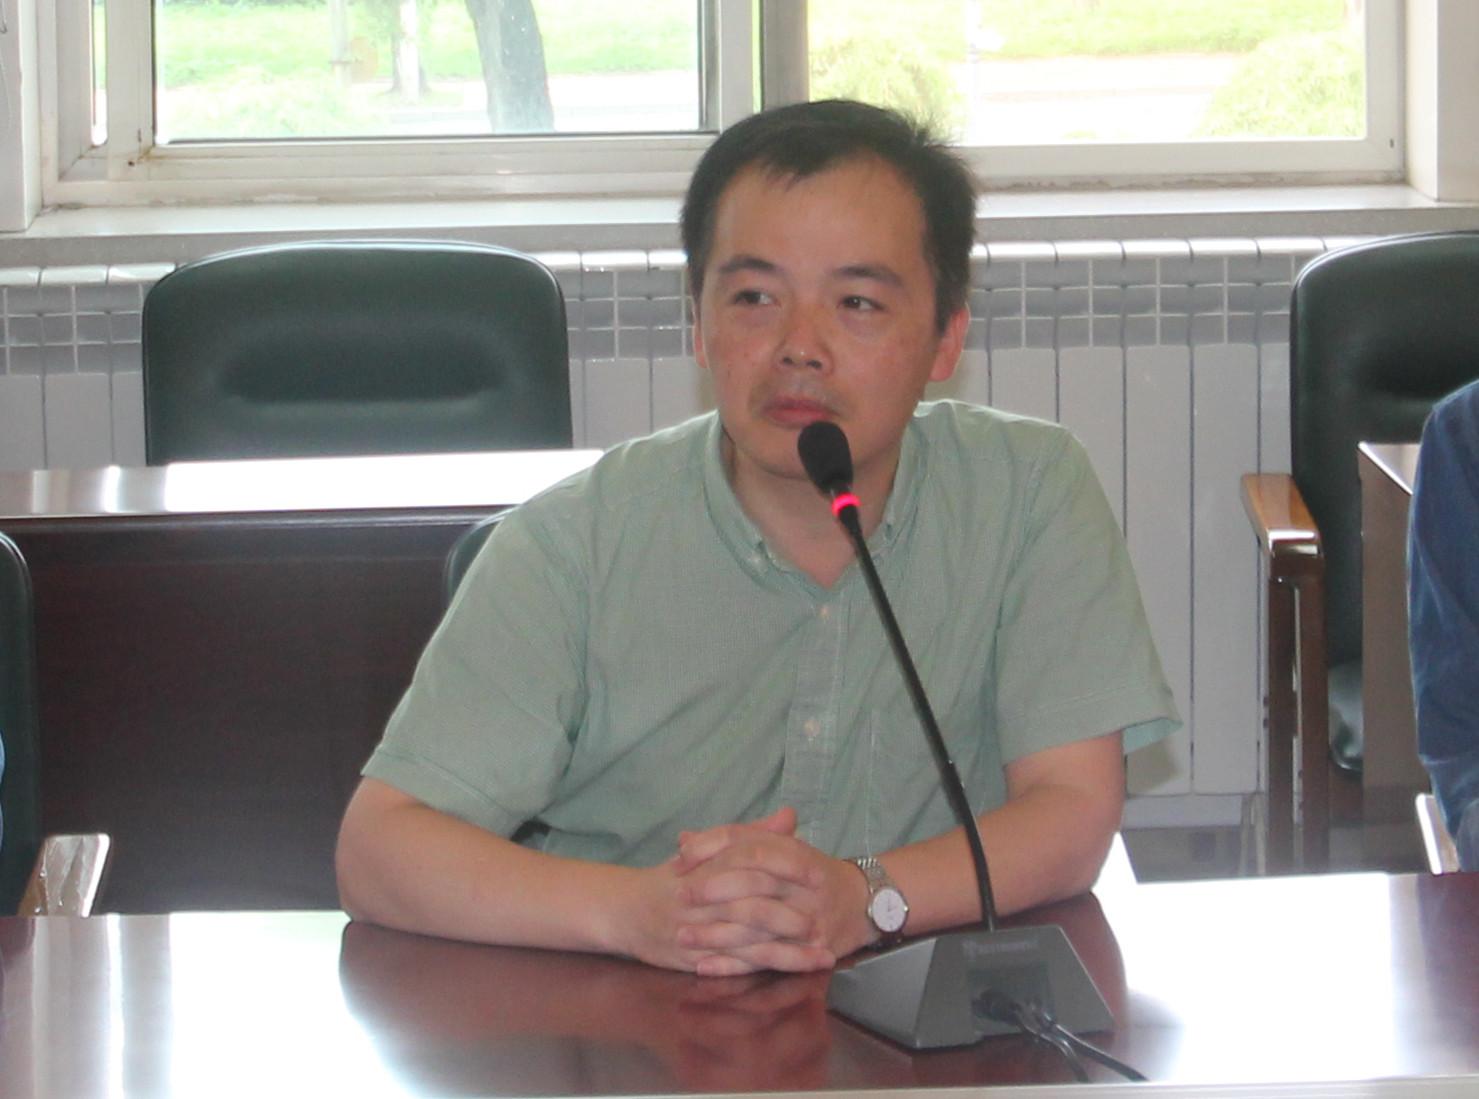 北京化工大学材料学院副教授曹维宇照片